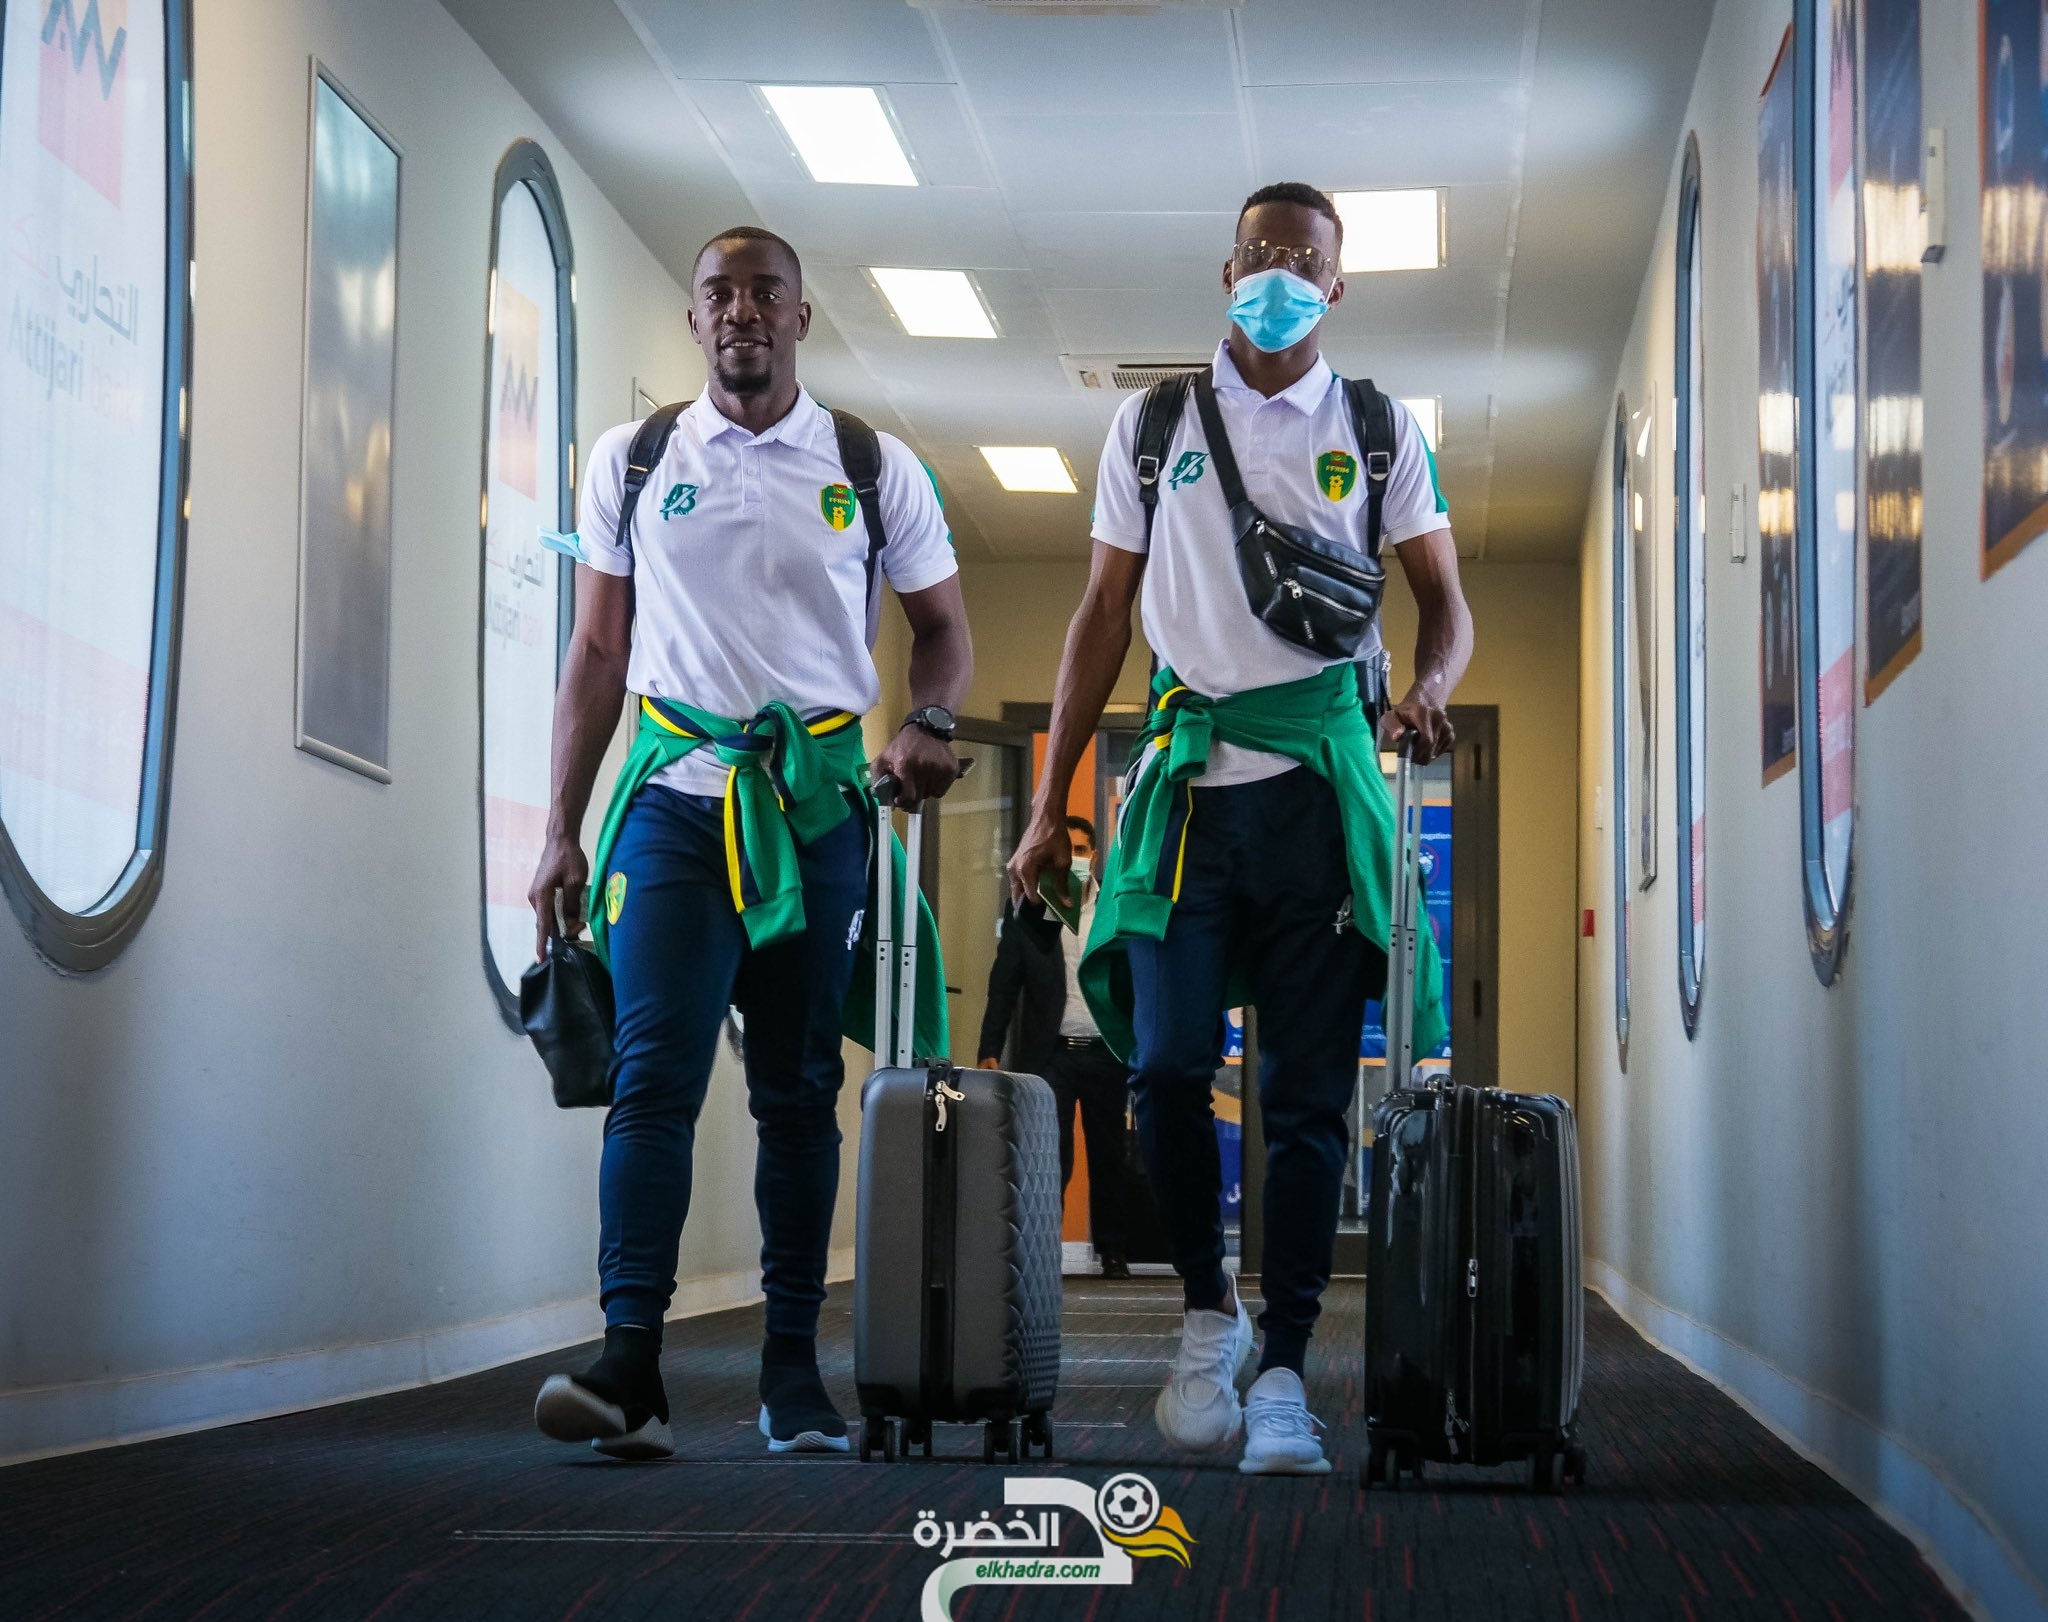 منتخب موريتانيا يتربص في تونس قبل مواجهة الجزائر 1